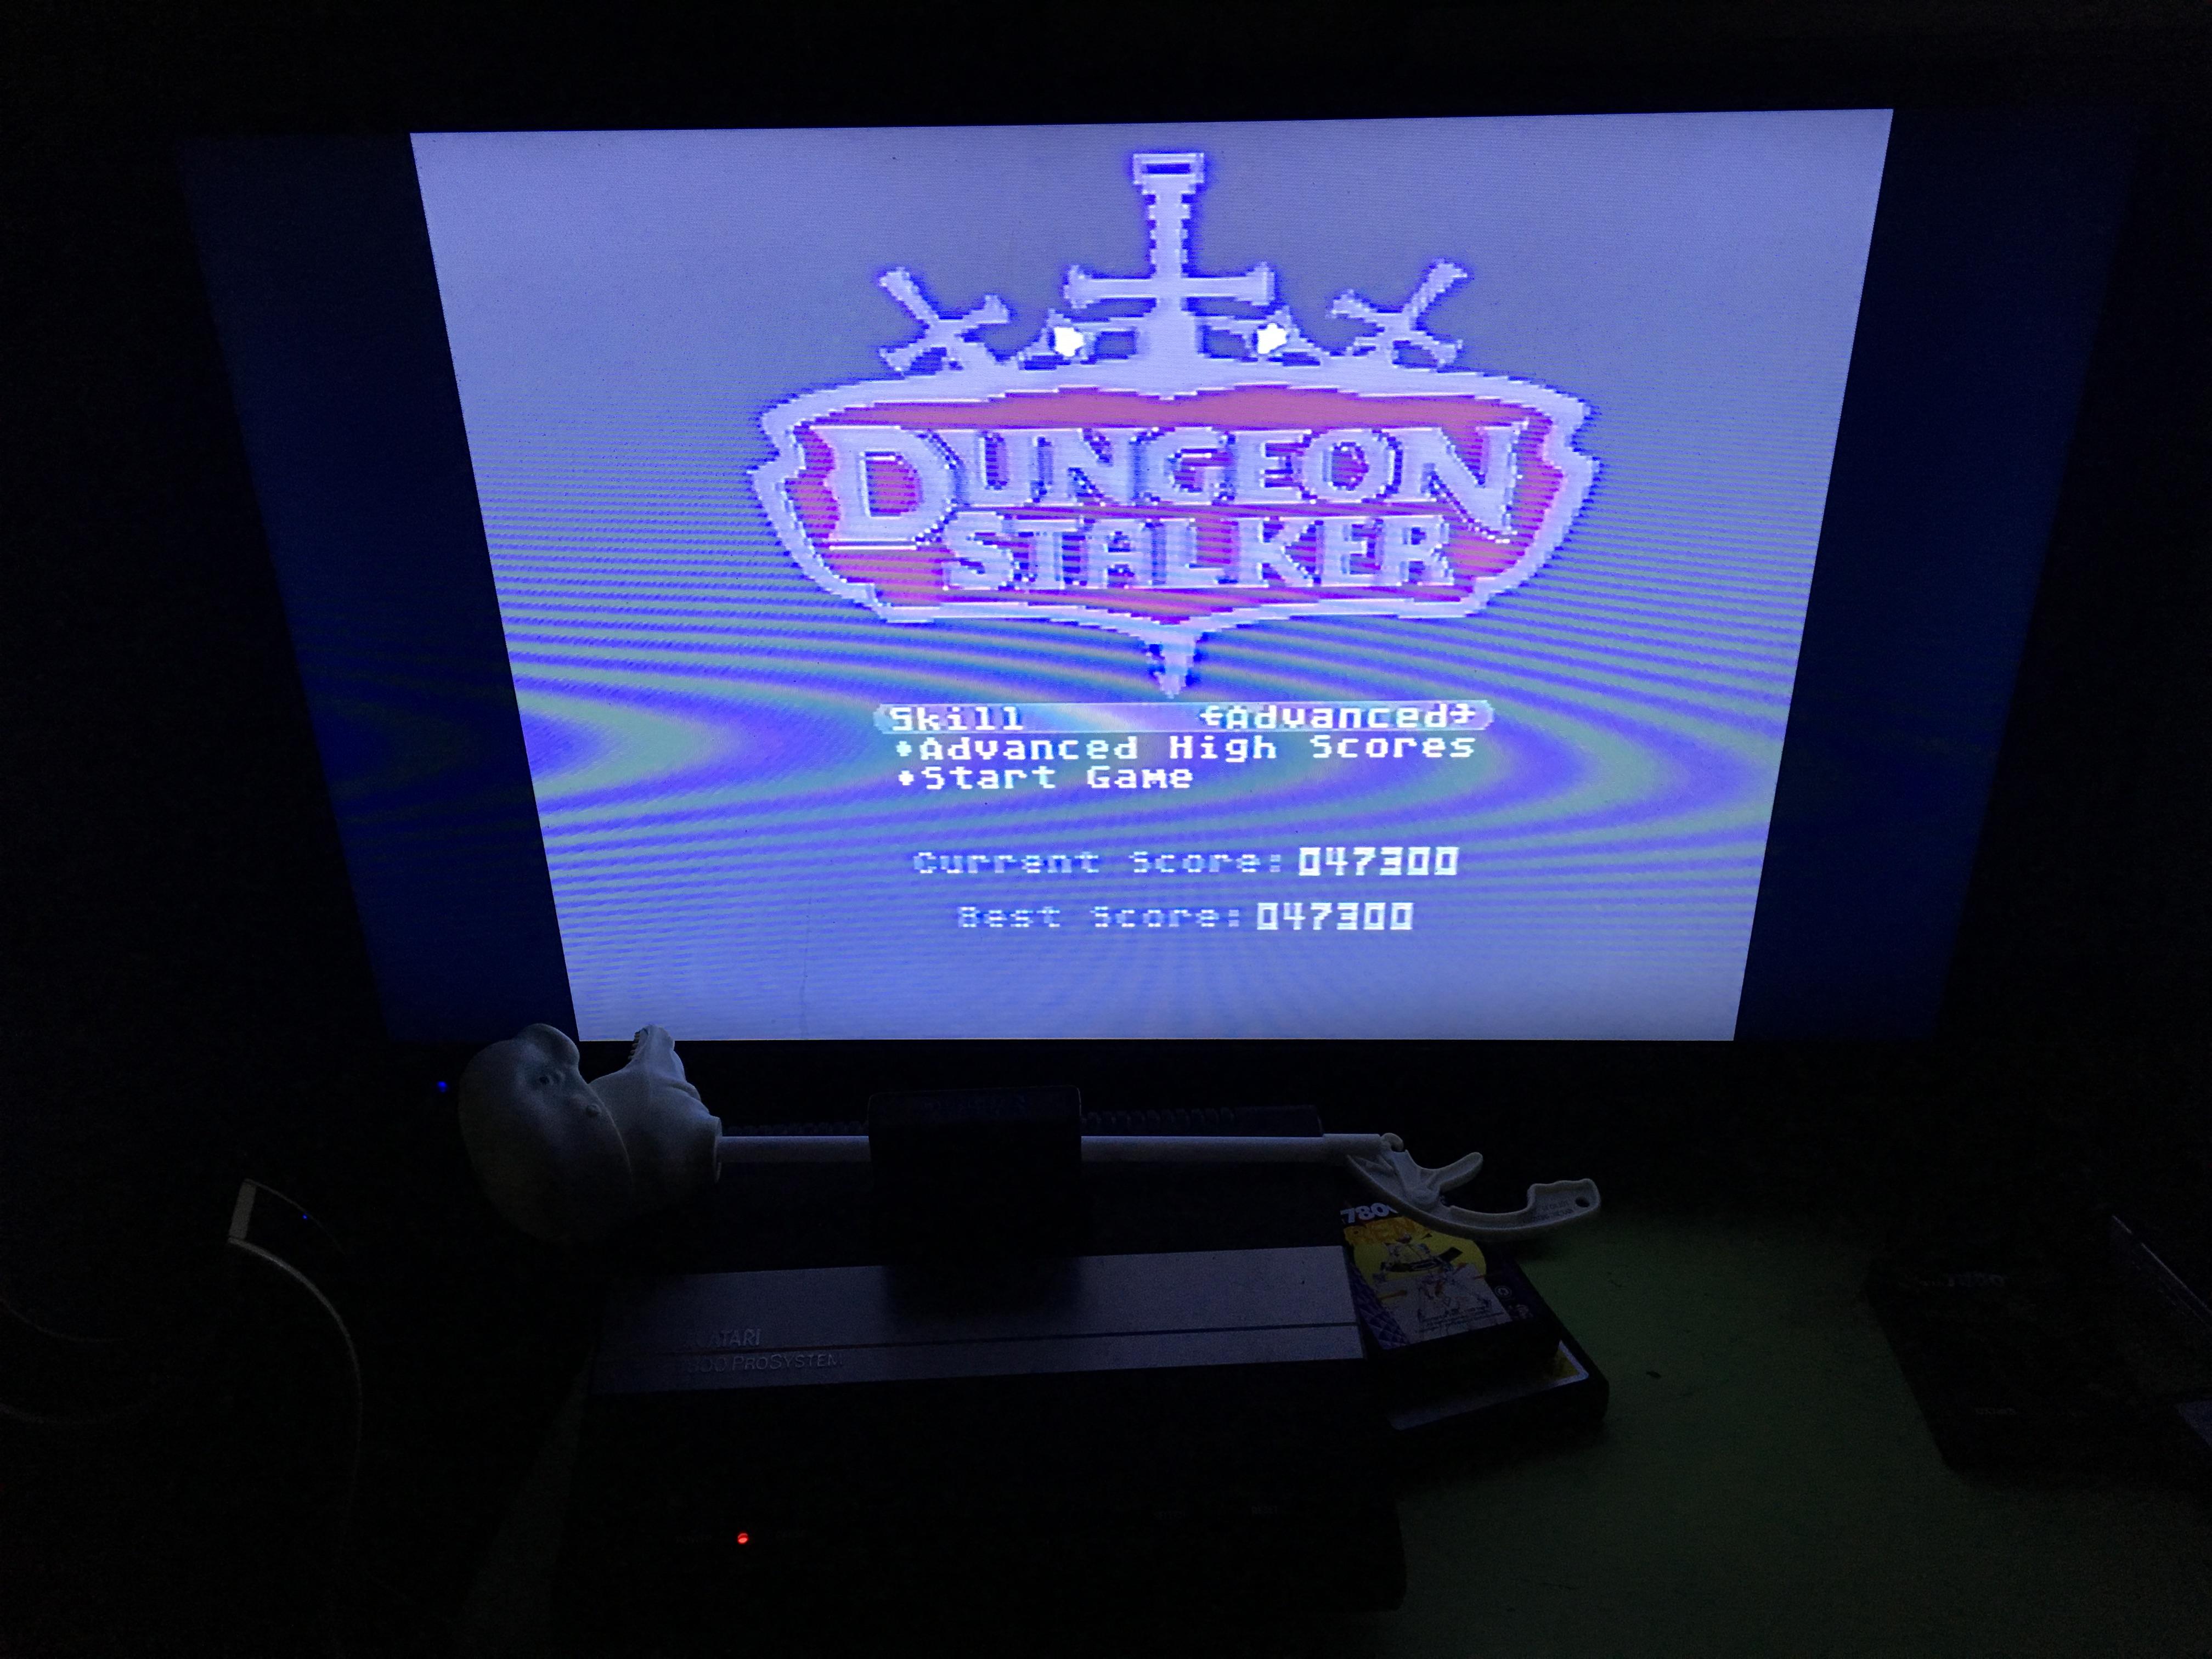 Dungeon Stalker [Advanced] 47,300 points